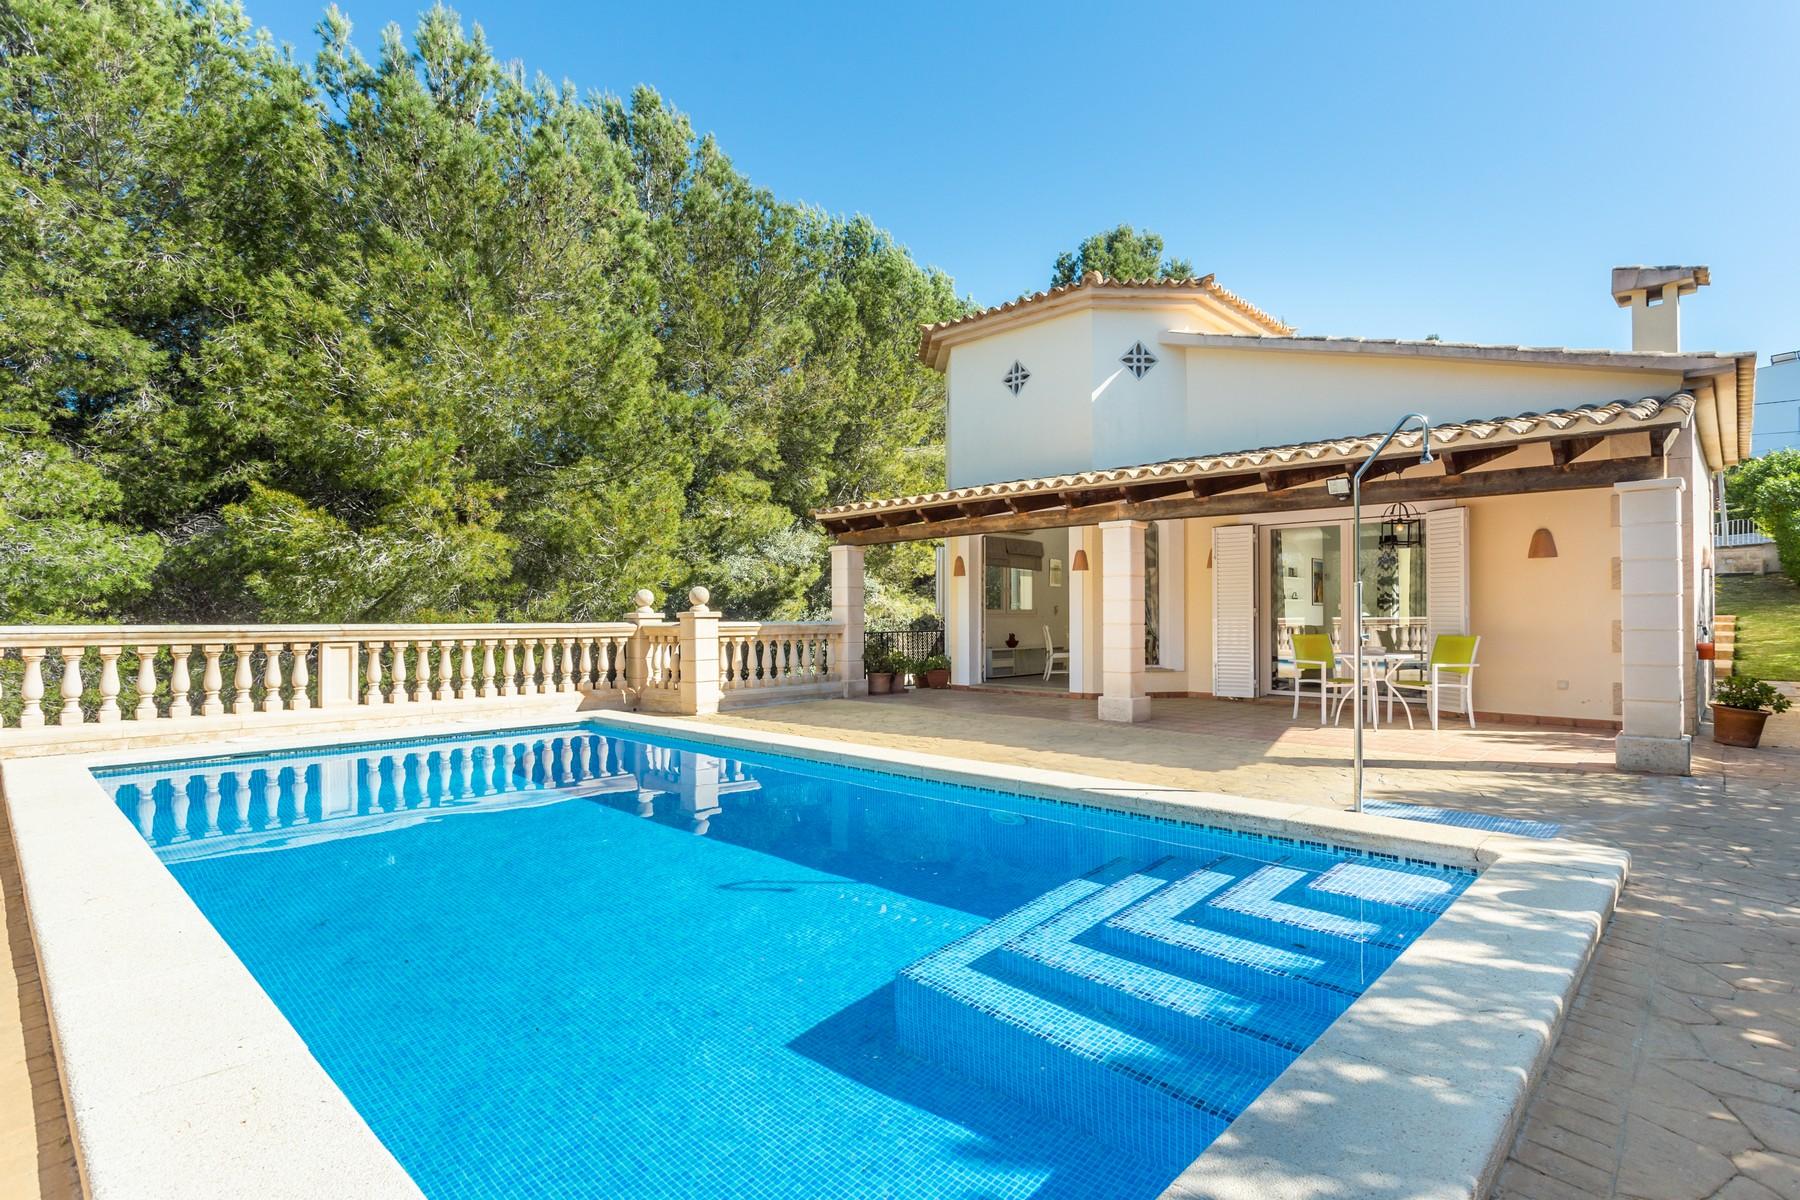 Moradia para Venda às Lovely Mediterranean villa in Costa de la Calma Santa Ponsa, Palma De Maiorca, 07180 Espanha